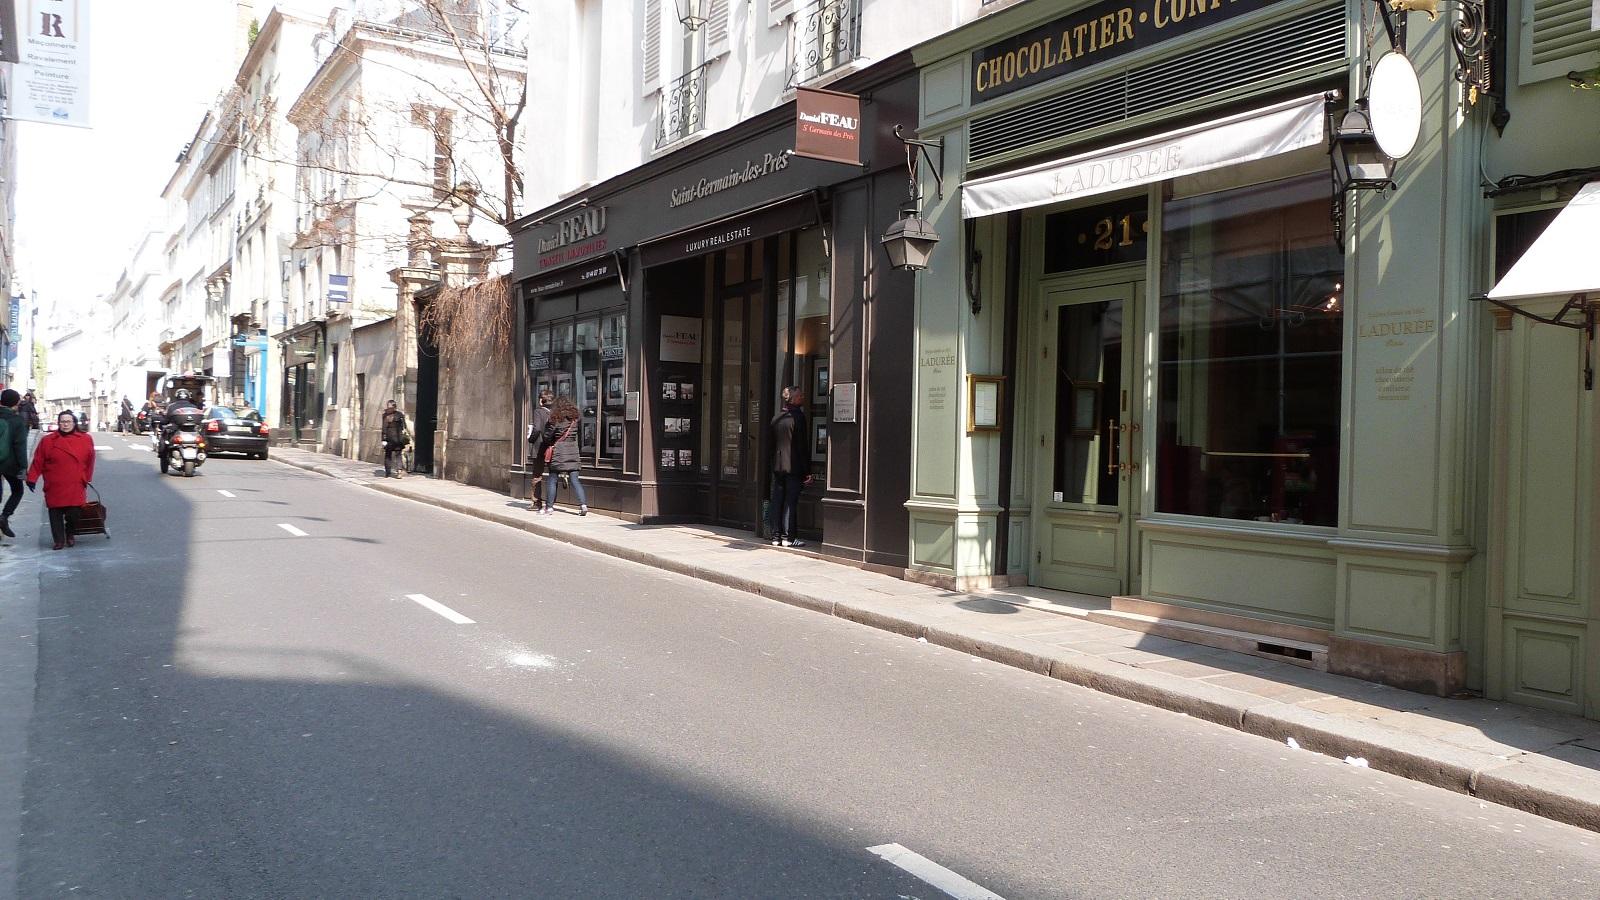 Rues - Rue bonaparte paris 6 ...